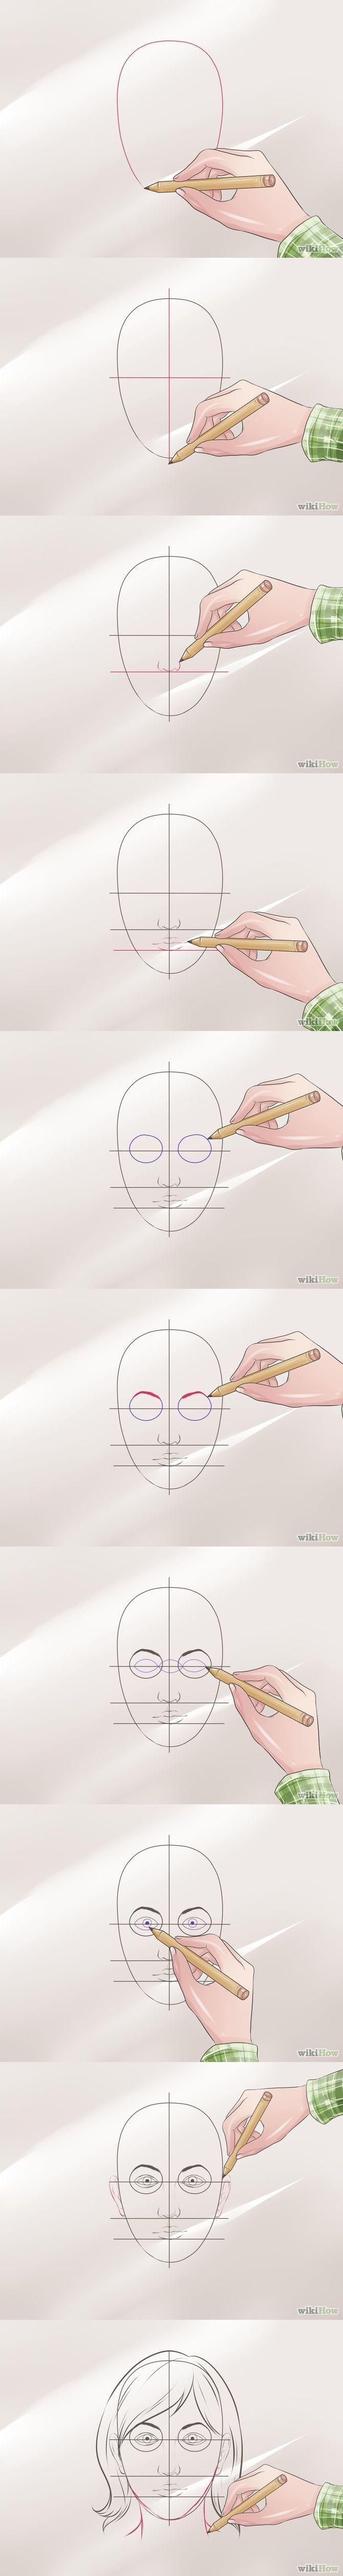 Cono dibujar una cara perfecta                                                                                                                                                     Más